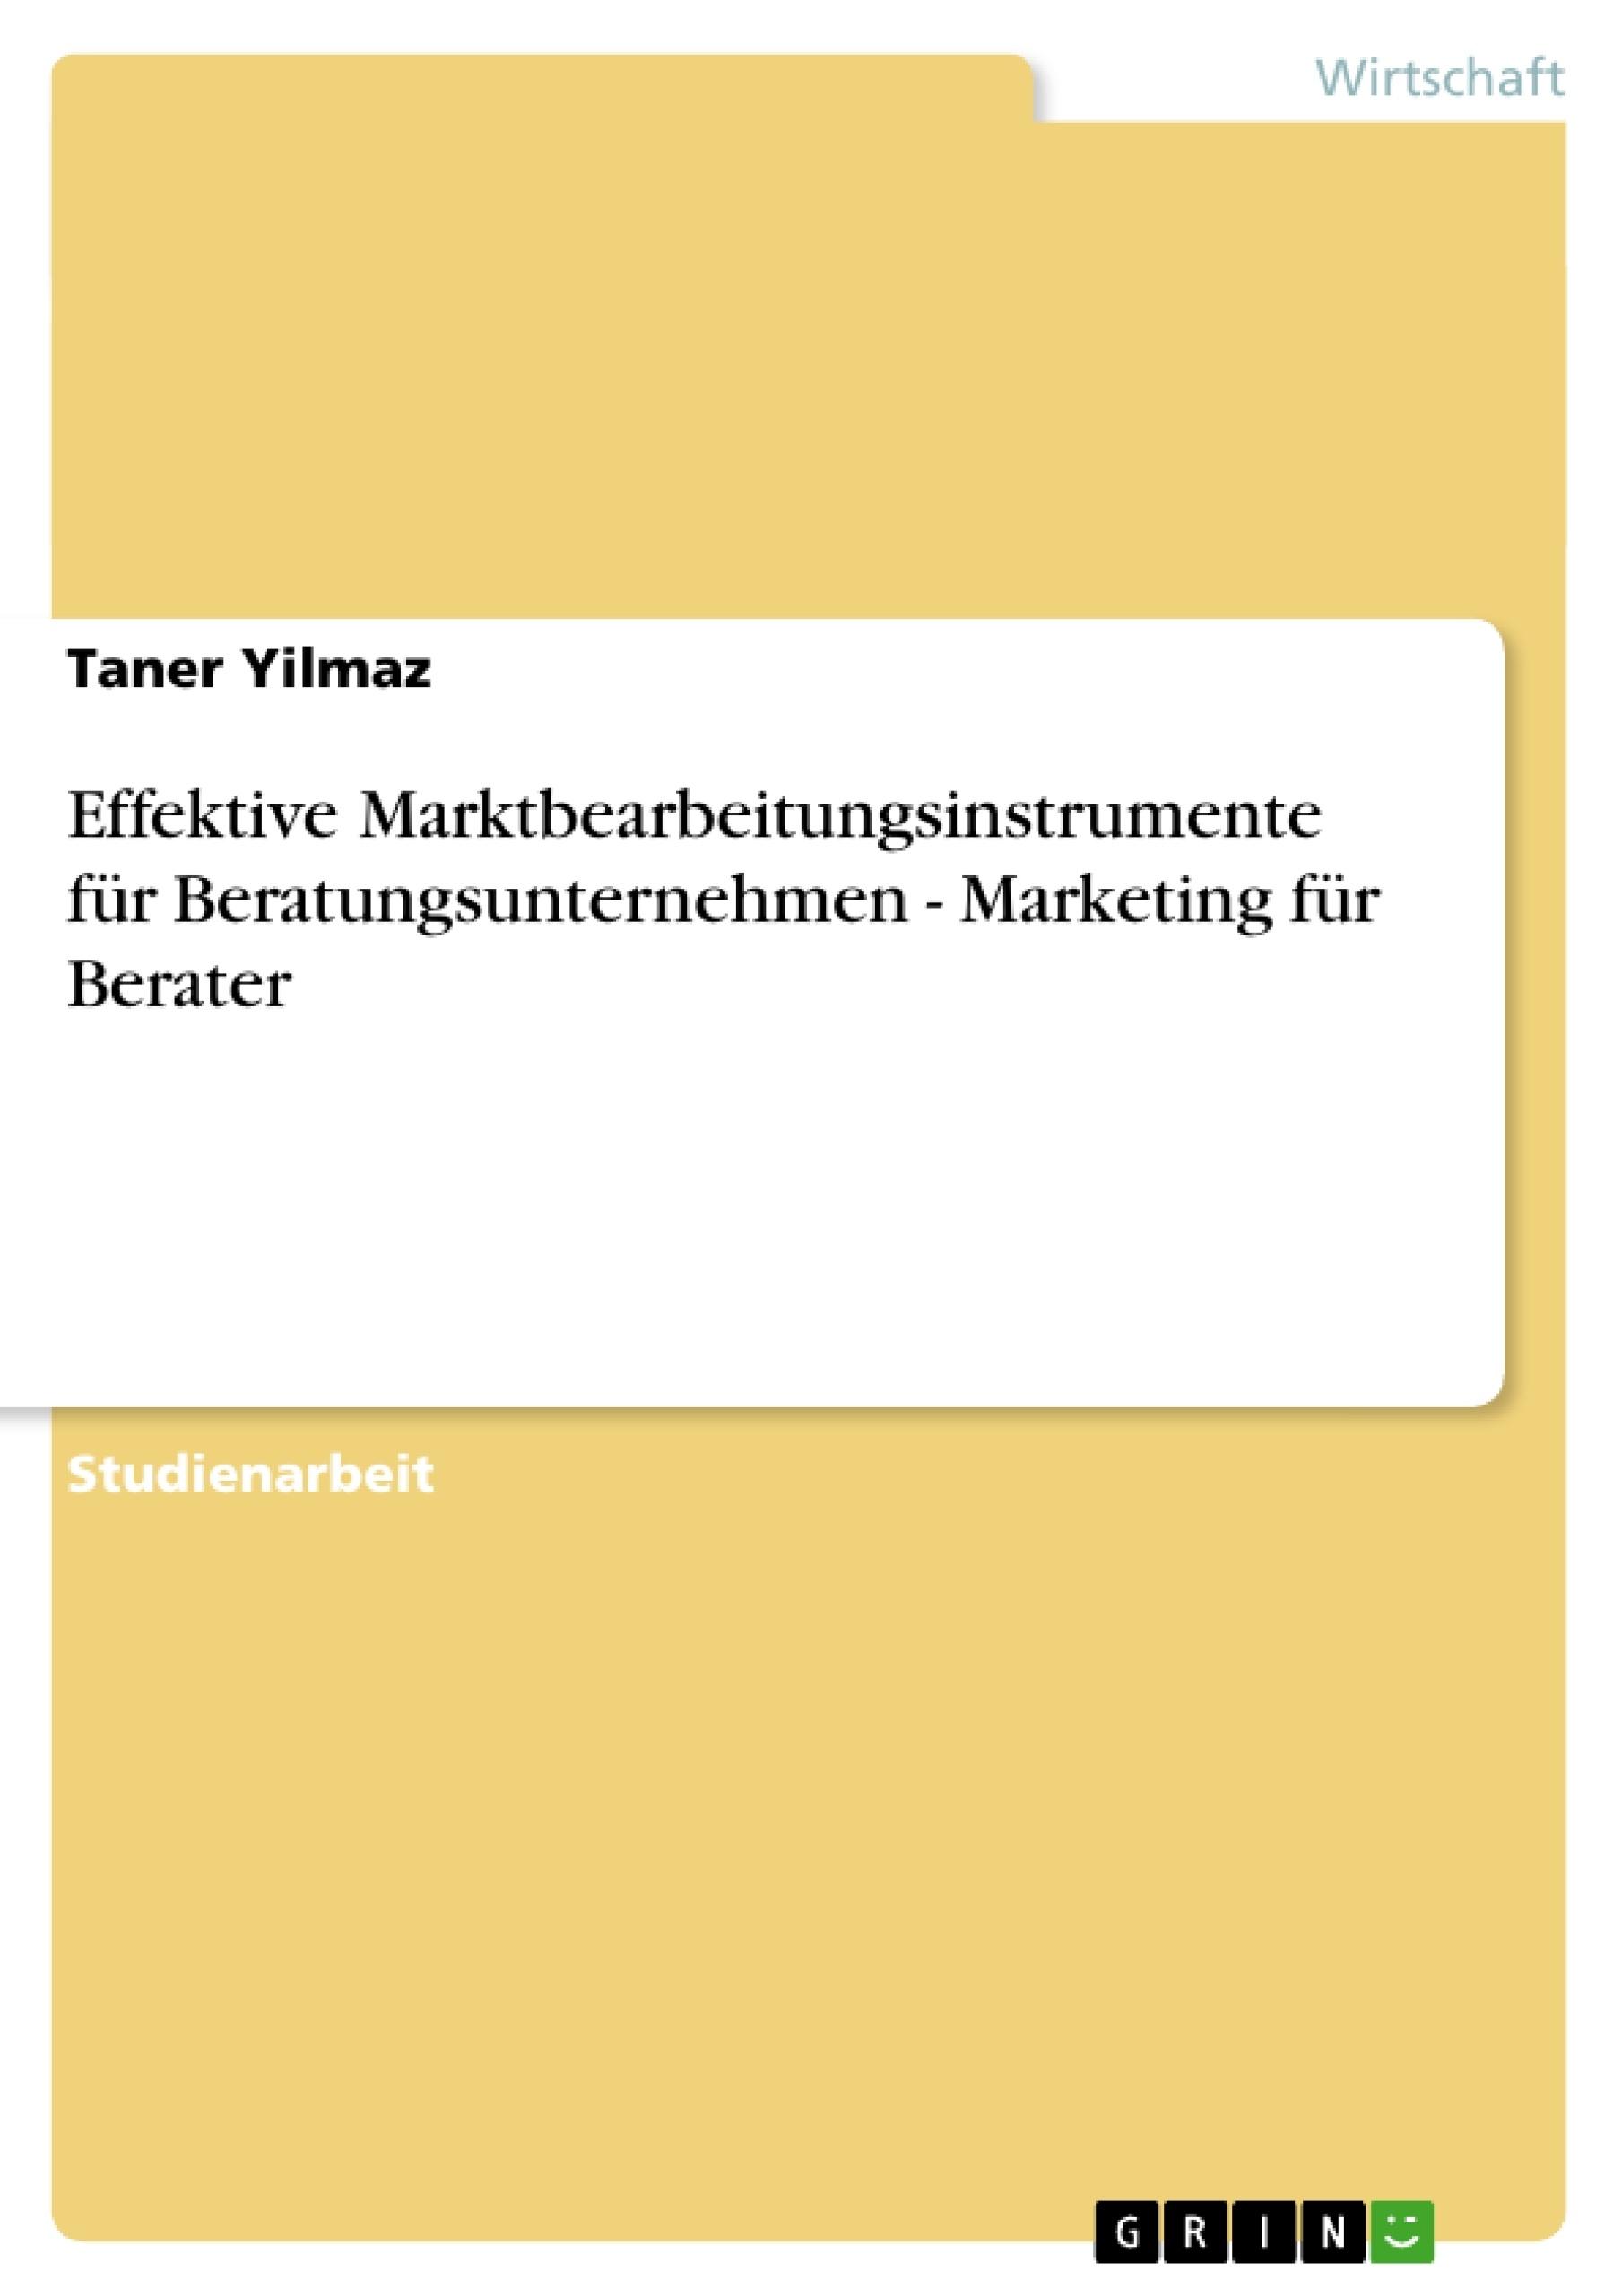 Titel: Effektive Marktbearbeitungsinstrumente für Beratungsunternehmen - Marketing für Berater